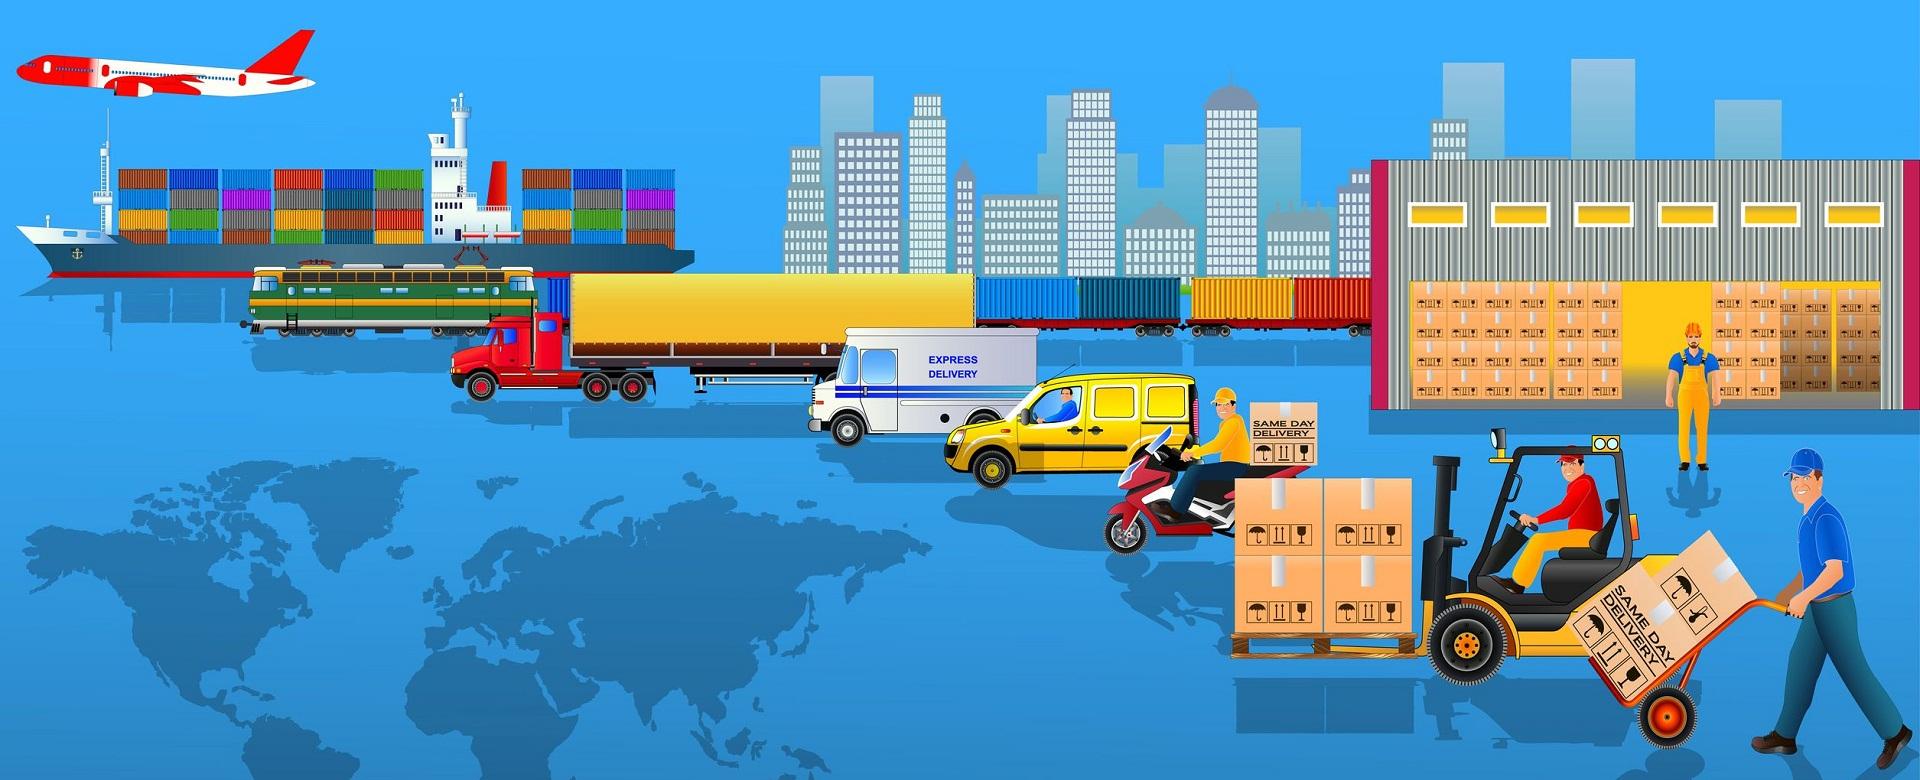 Tiêu thức lựa chọn công ty vận tải uy tín